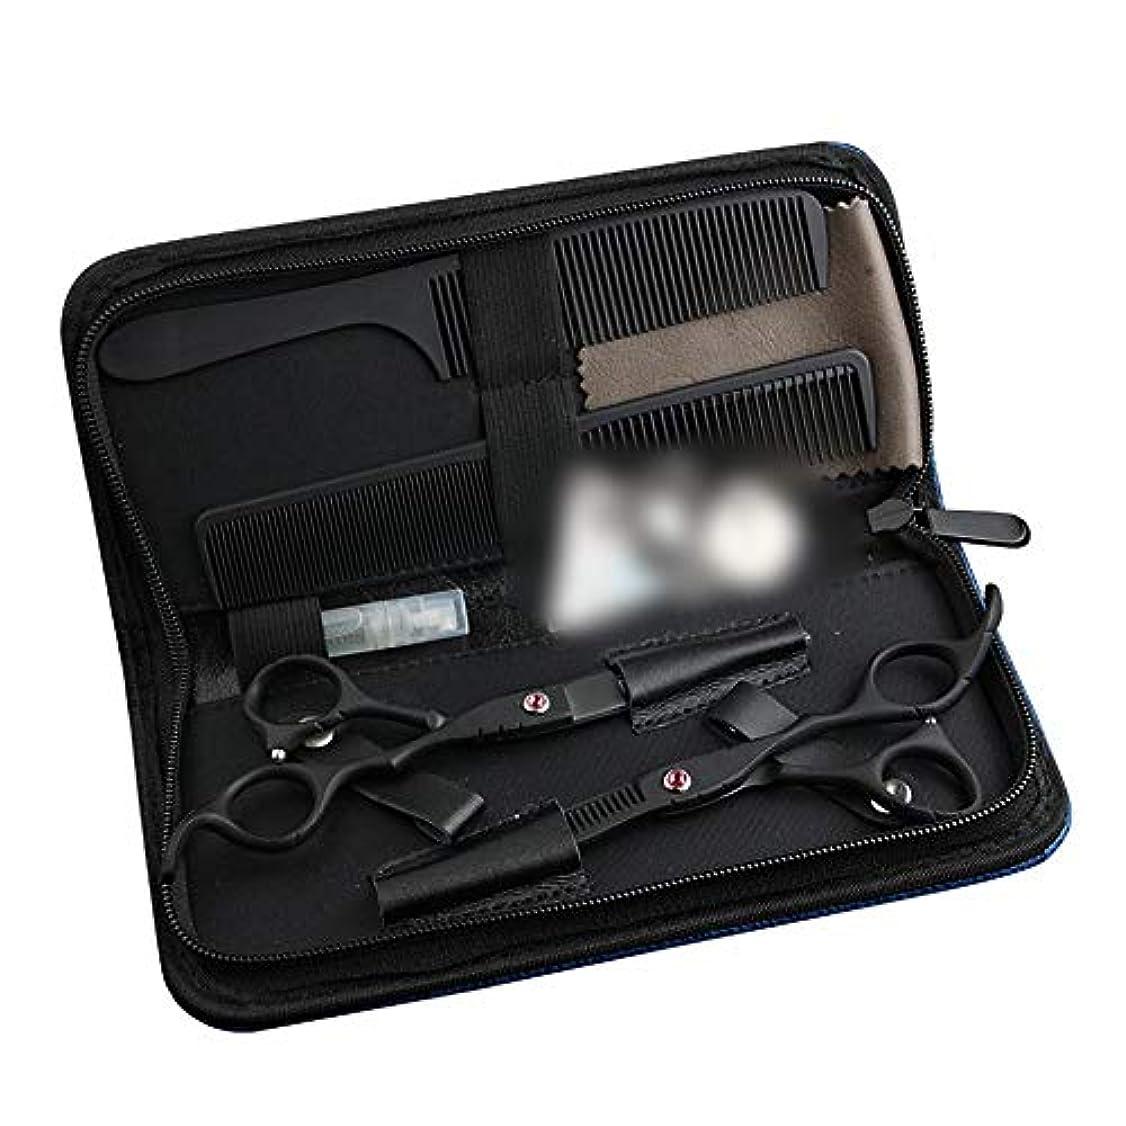 メロン導入するクアッガ6.0インチ理髪黒シングル曲線手はさみセット、理髪はさみフラットせん断+歯切断コンビネーションセット ヘアケア (色 : 黒)